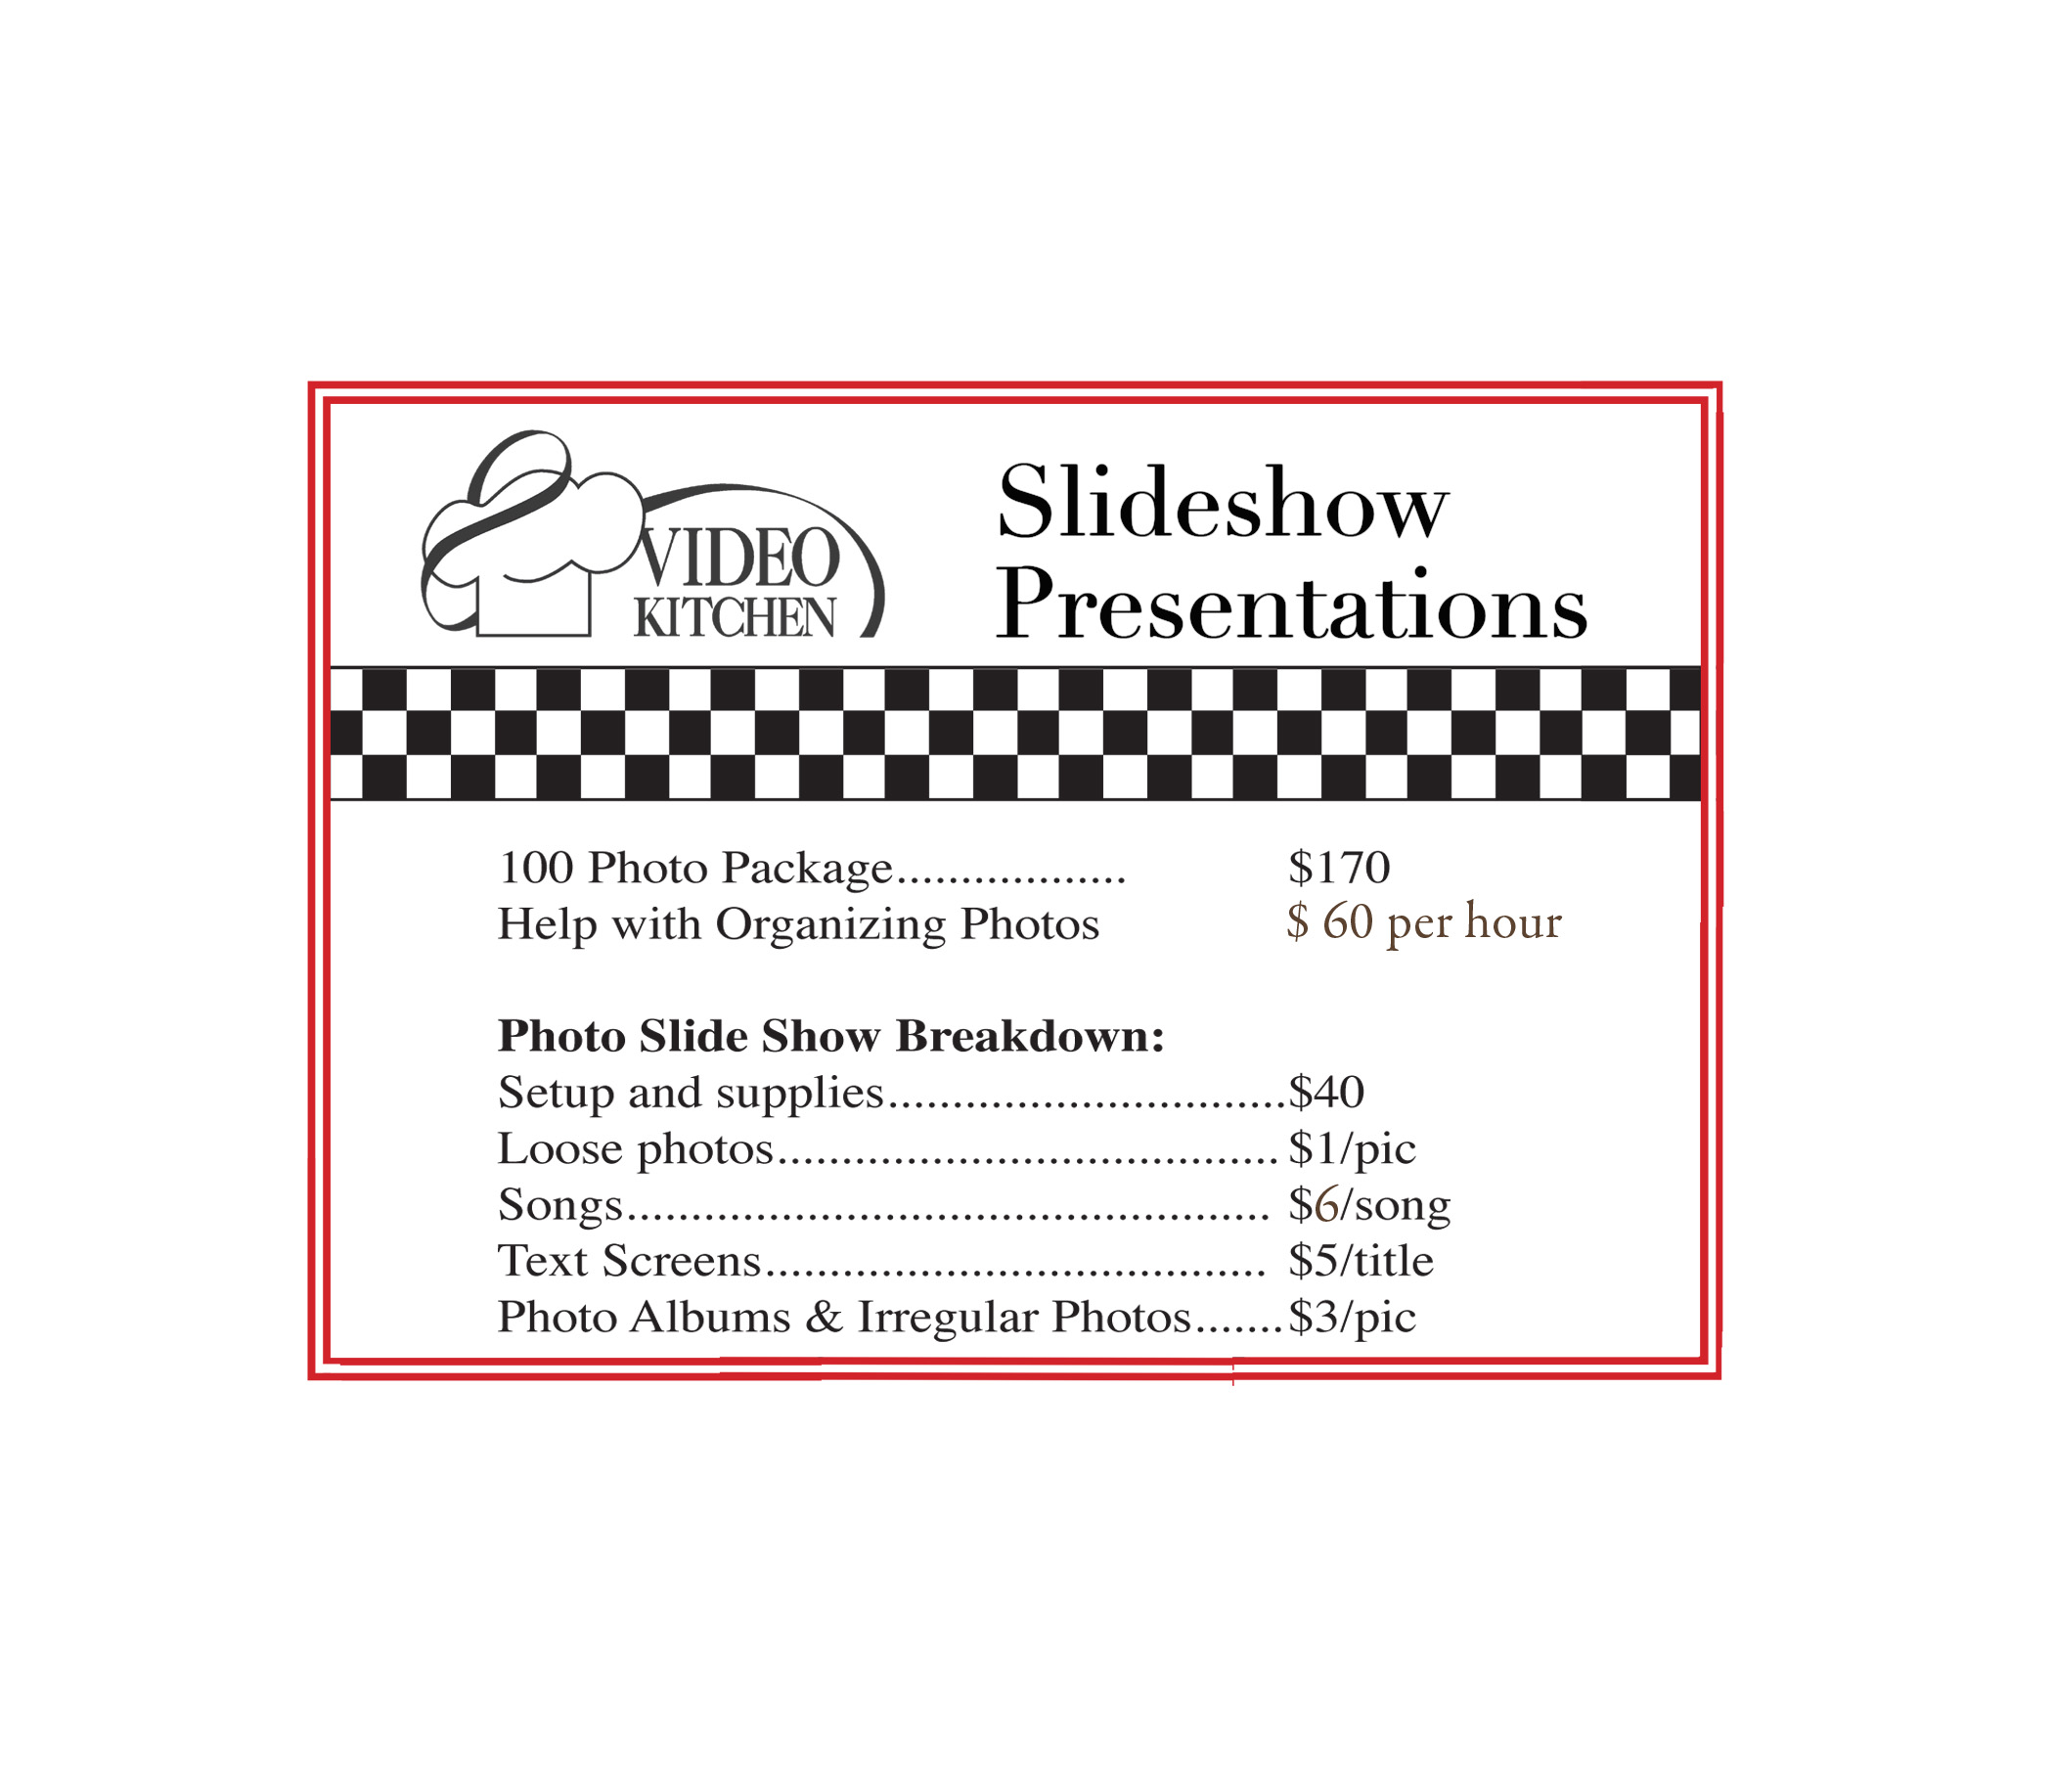 priceSlideshow.jpg